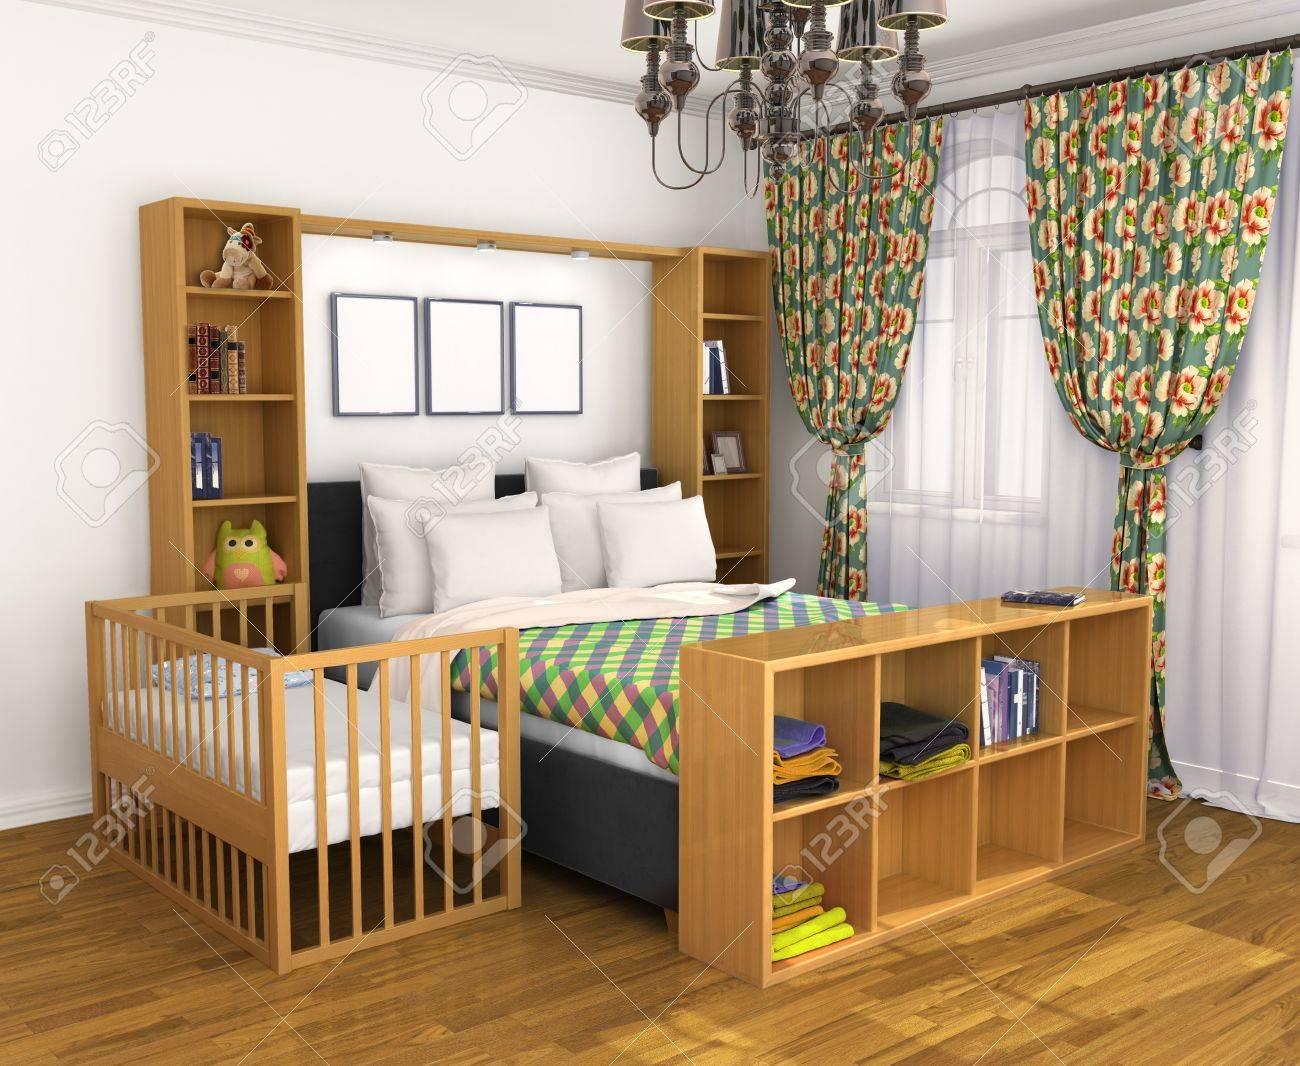 Schlafzimmer Für Die Eltern Und Das Kind. Wiegenlied-Babybett Nahe ...